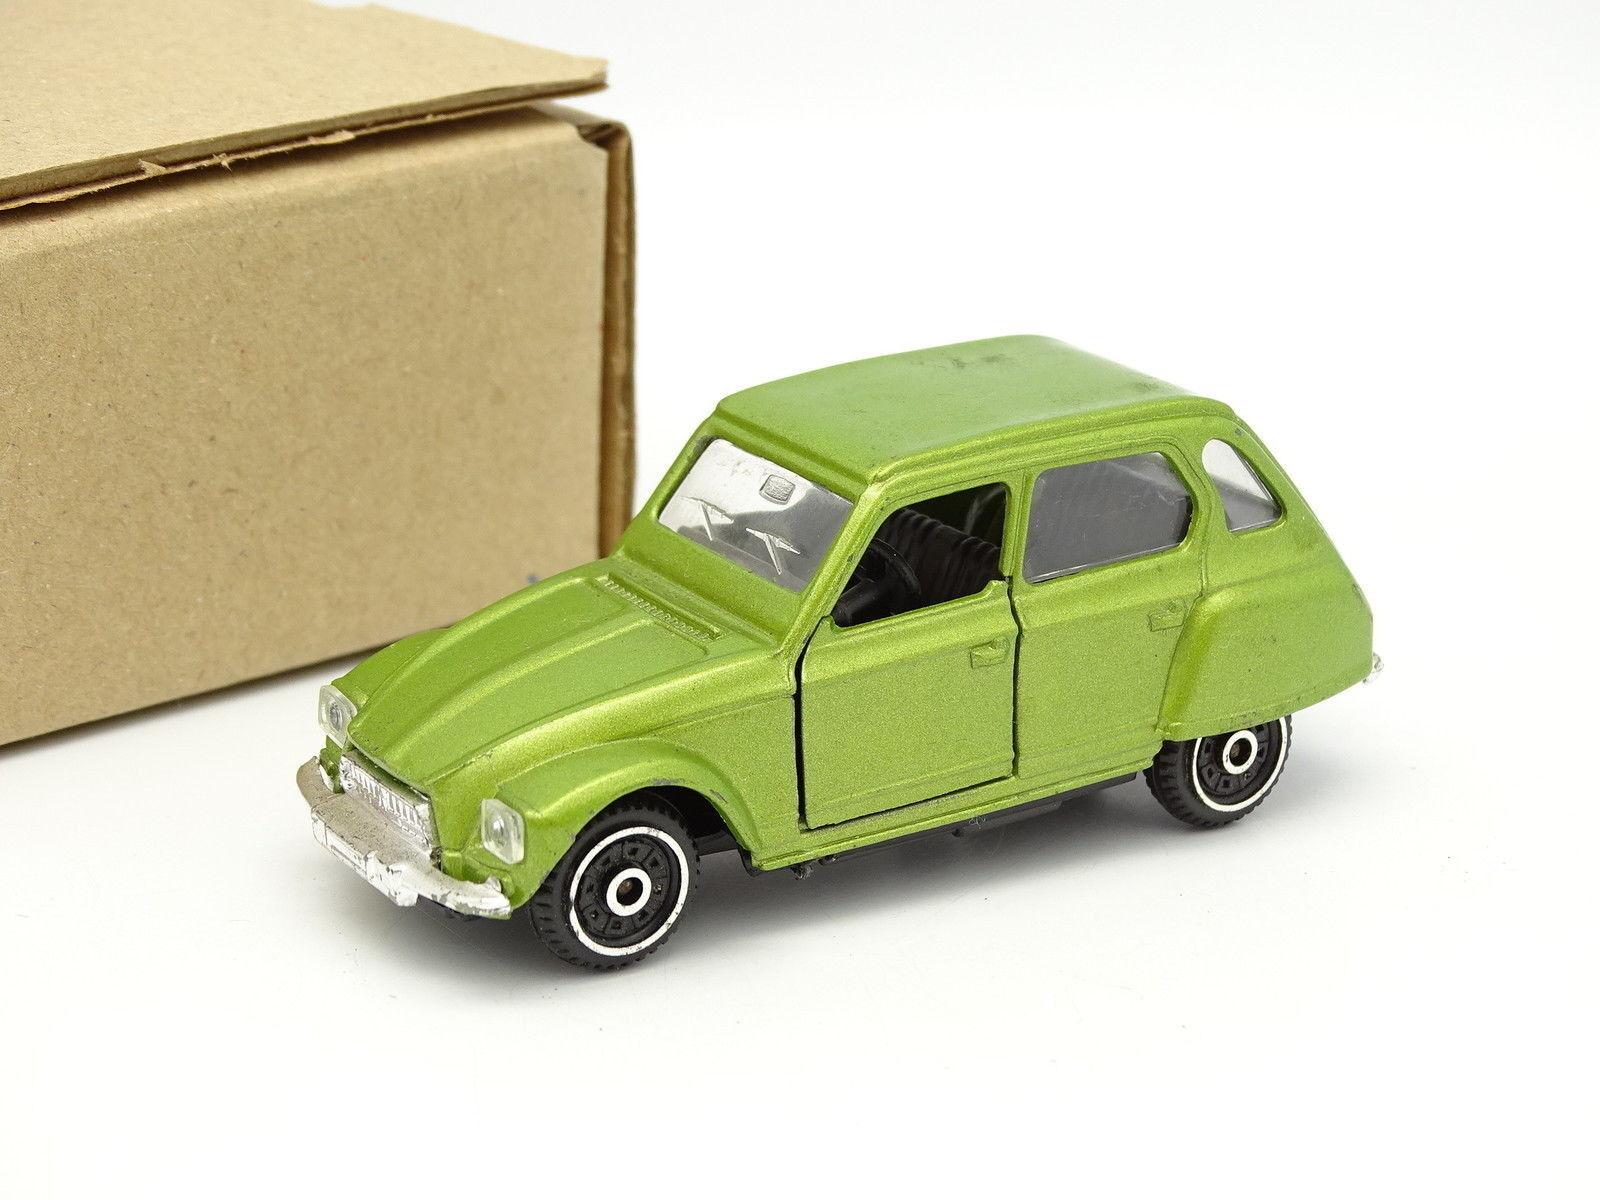 Polistil SB 1 43 - - - Citroen Dyane green b43428